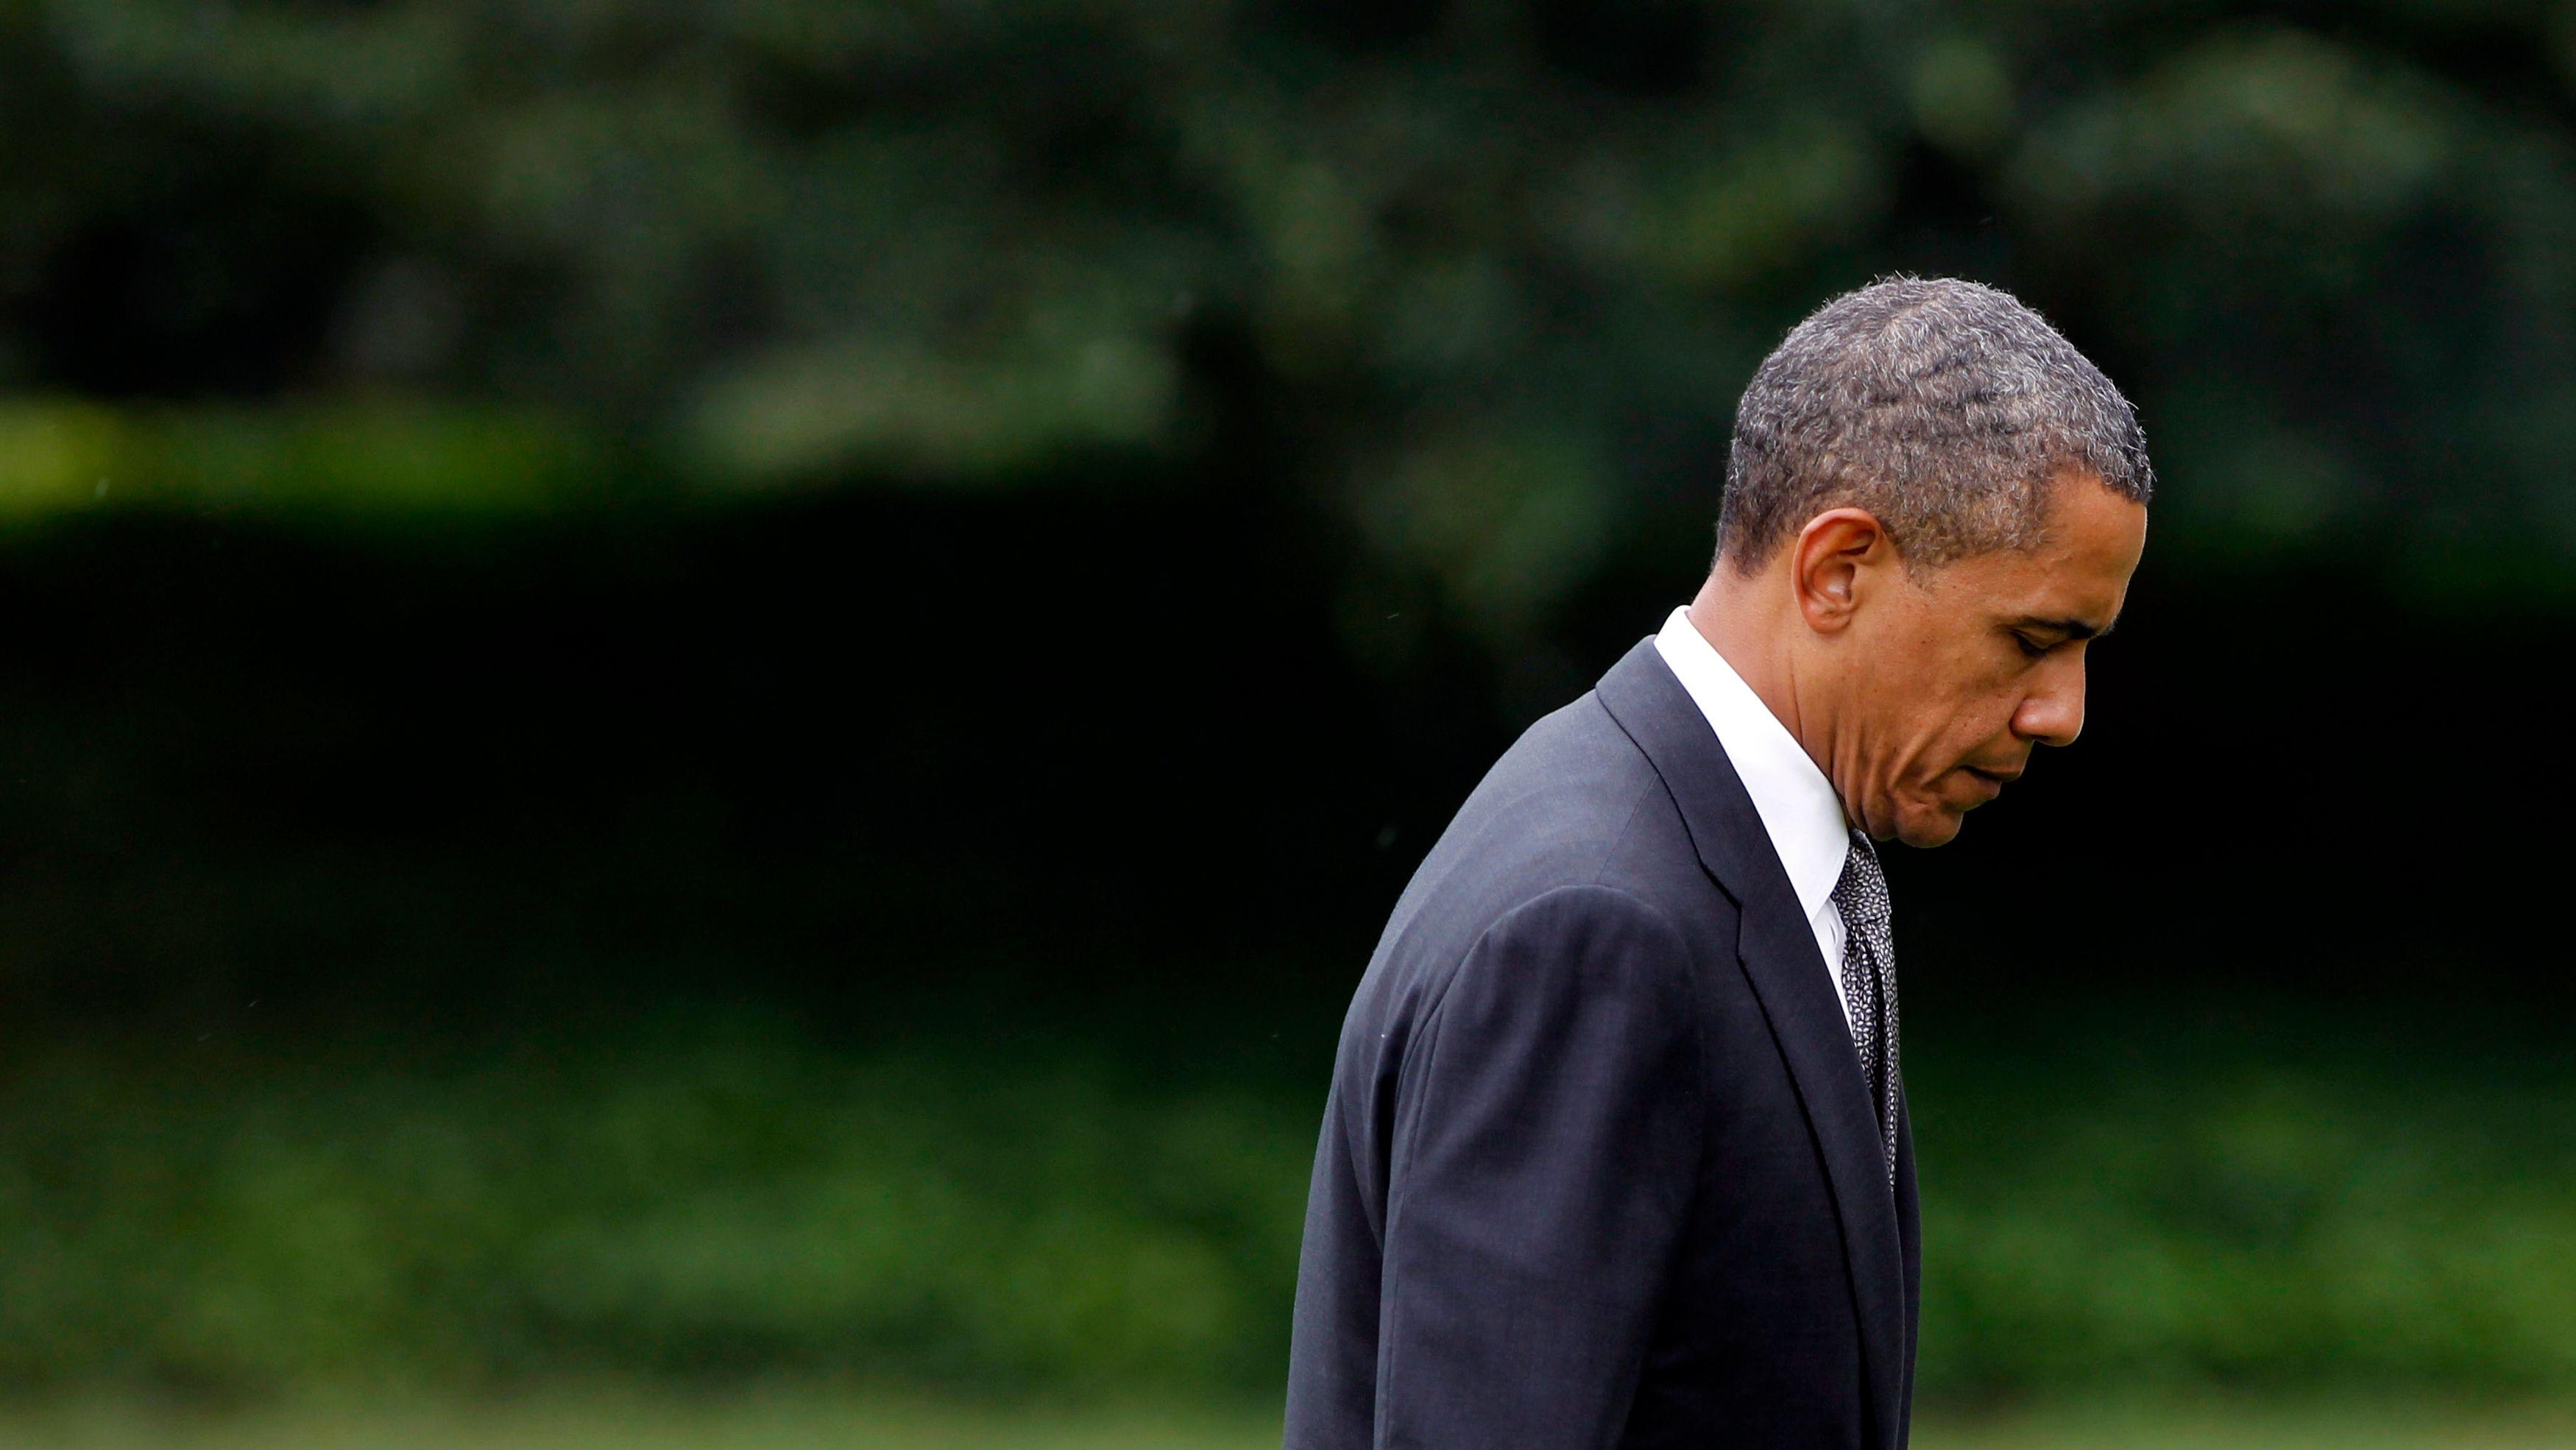 """Tueries de masse aux Etats-Unis : Barack Obama appelle les Américains à s'opposer fermement aux discours """"normalisant"""" le racisme"""